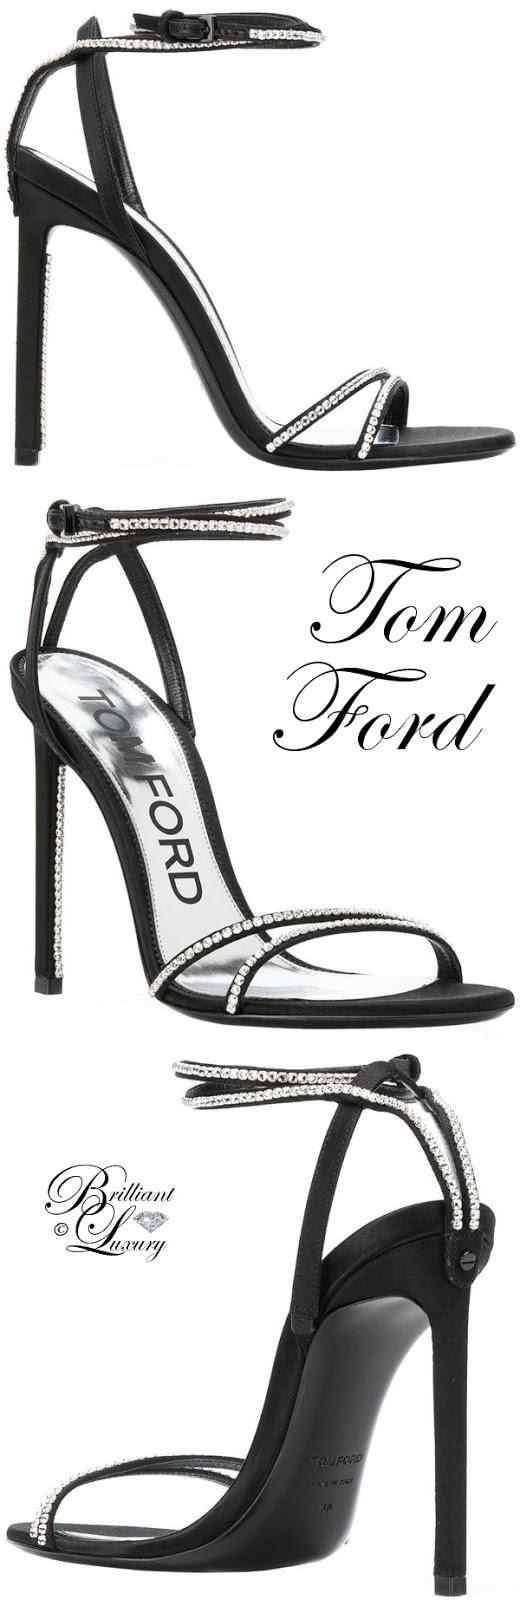 Brilliant Luxury ♦ Tom Ford crystal embellished sandals #black